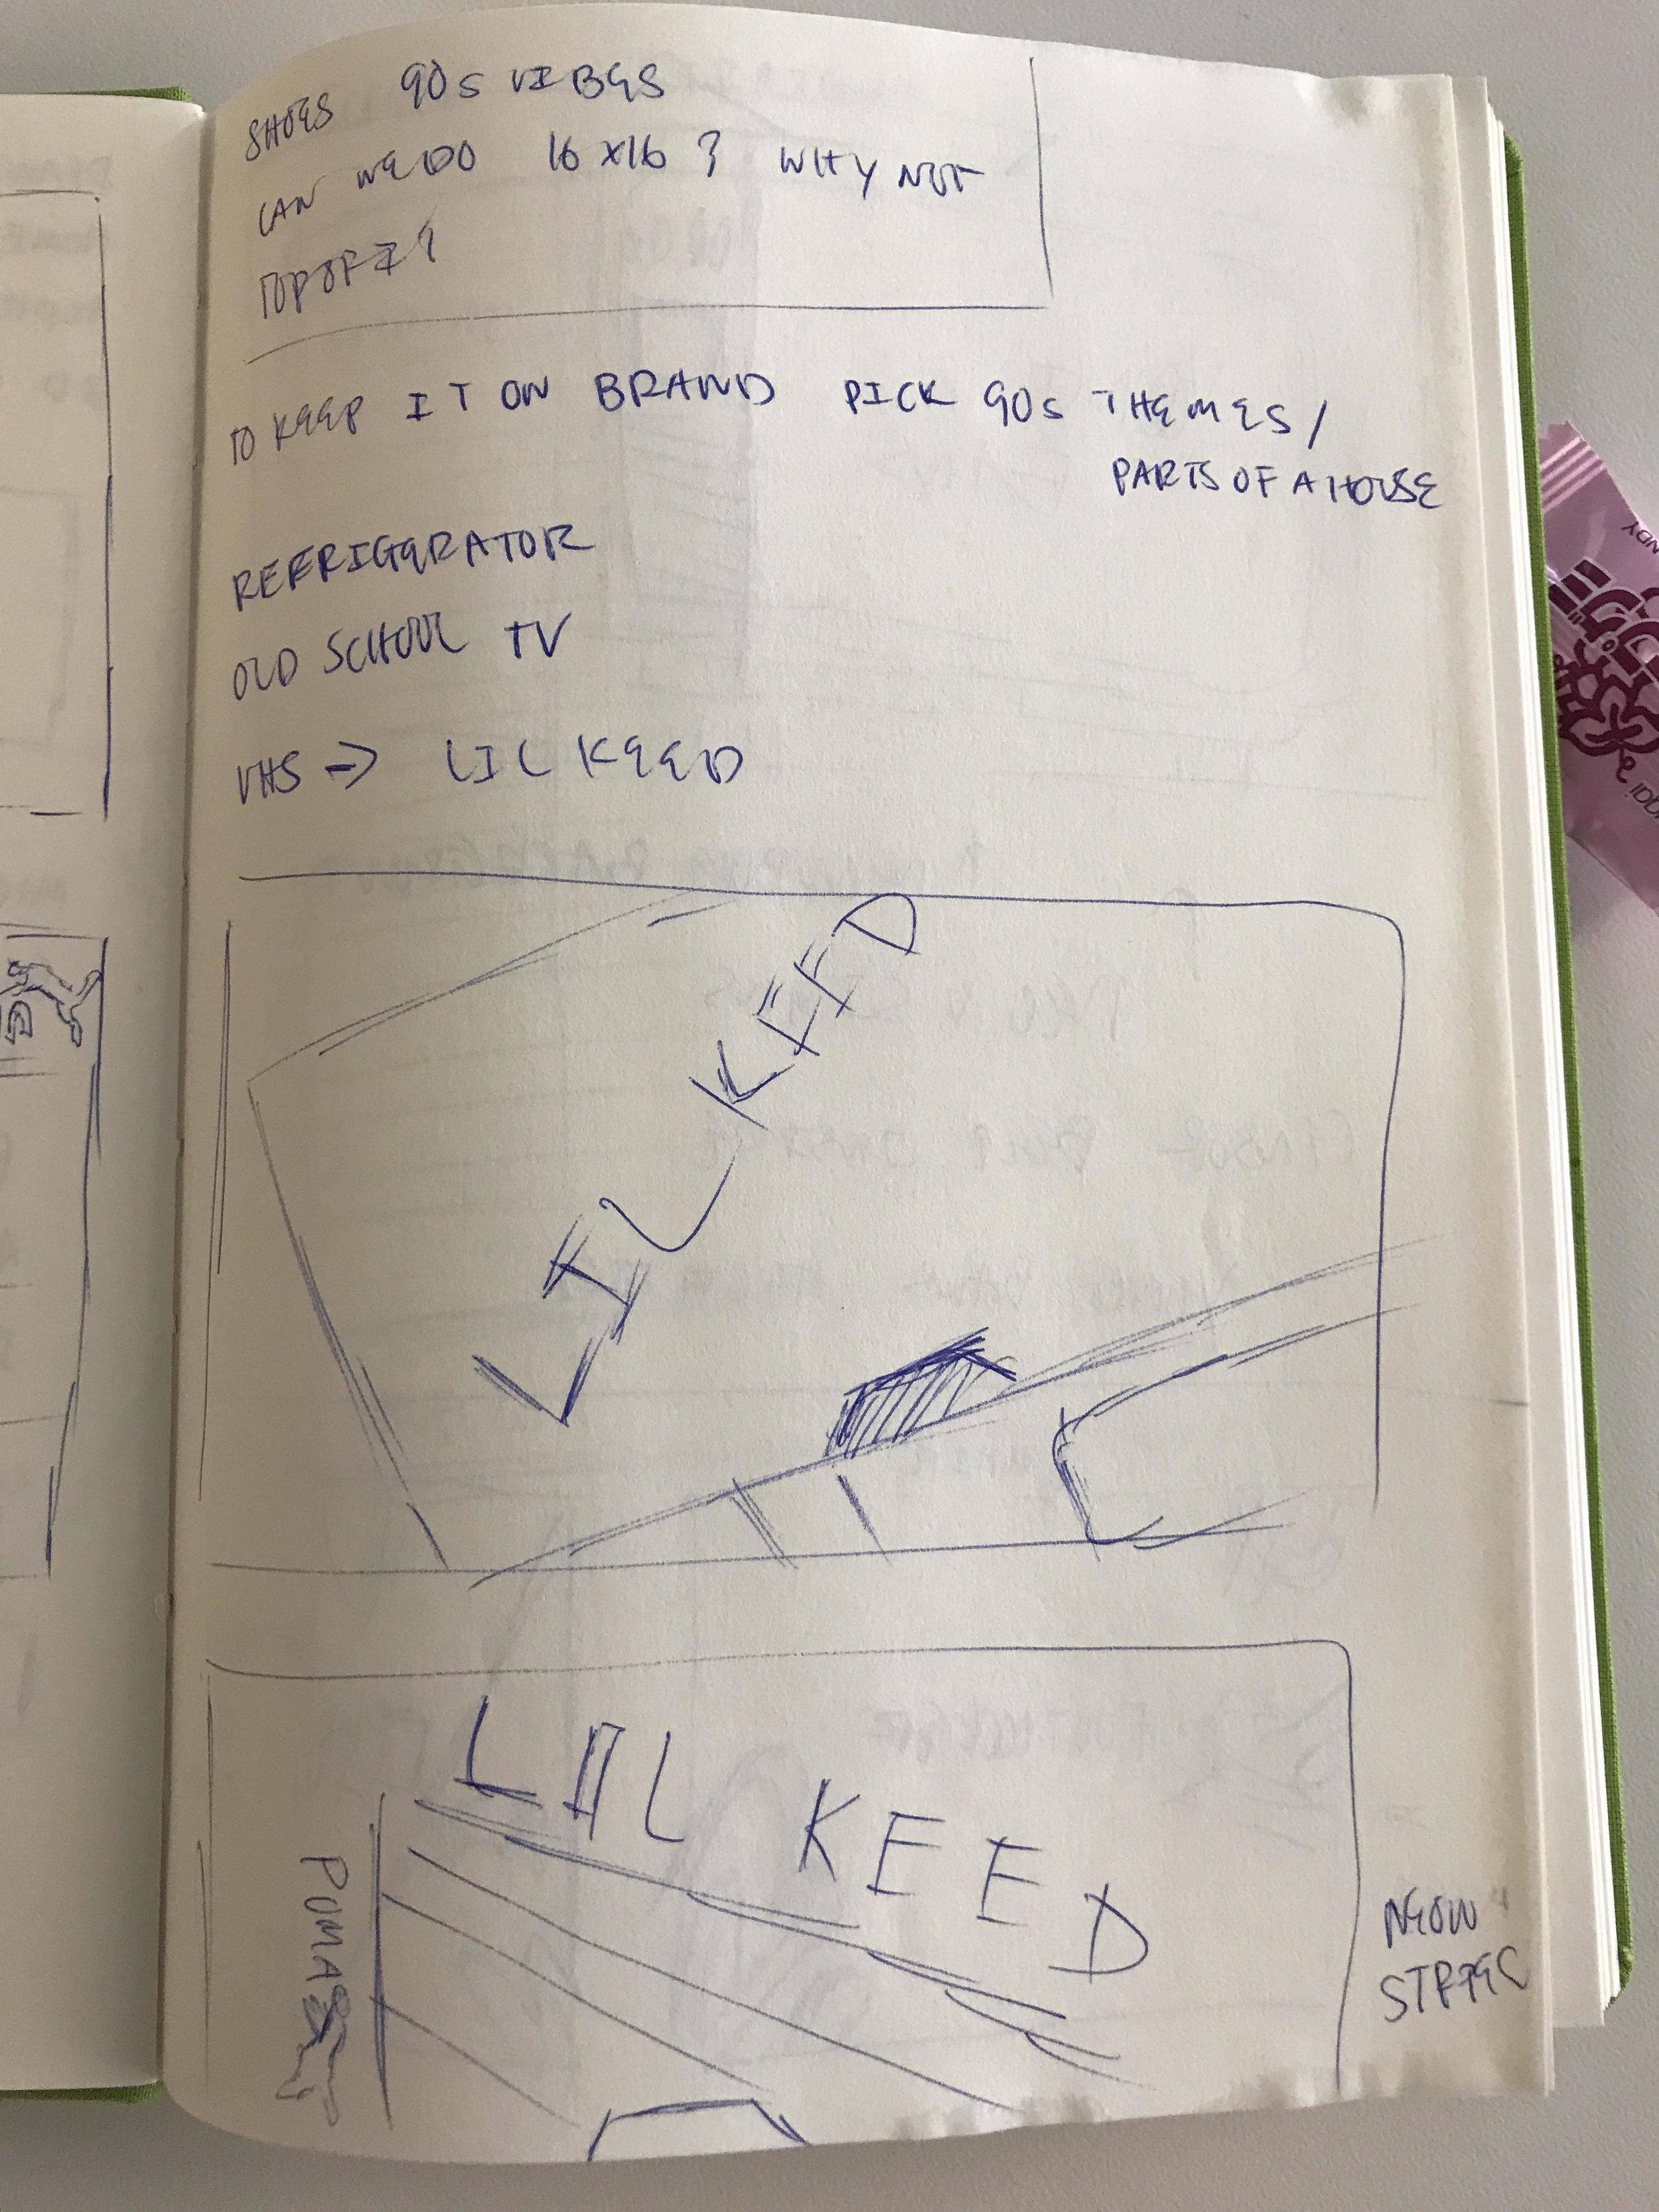 lil keed sketch.jpg